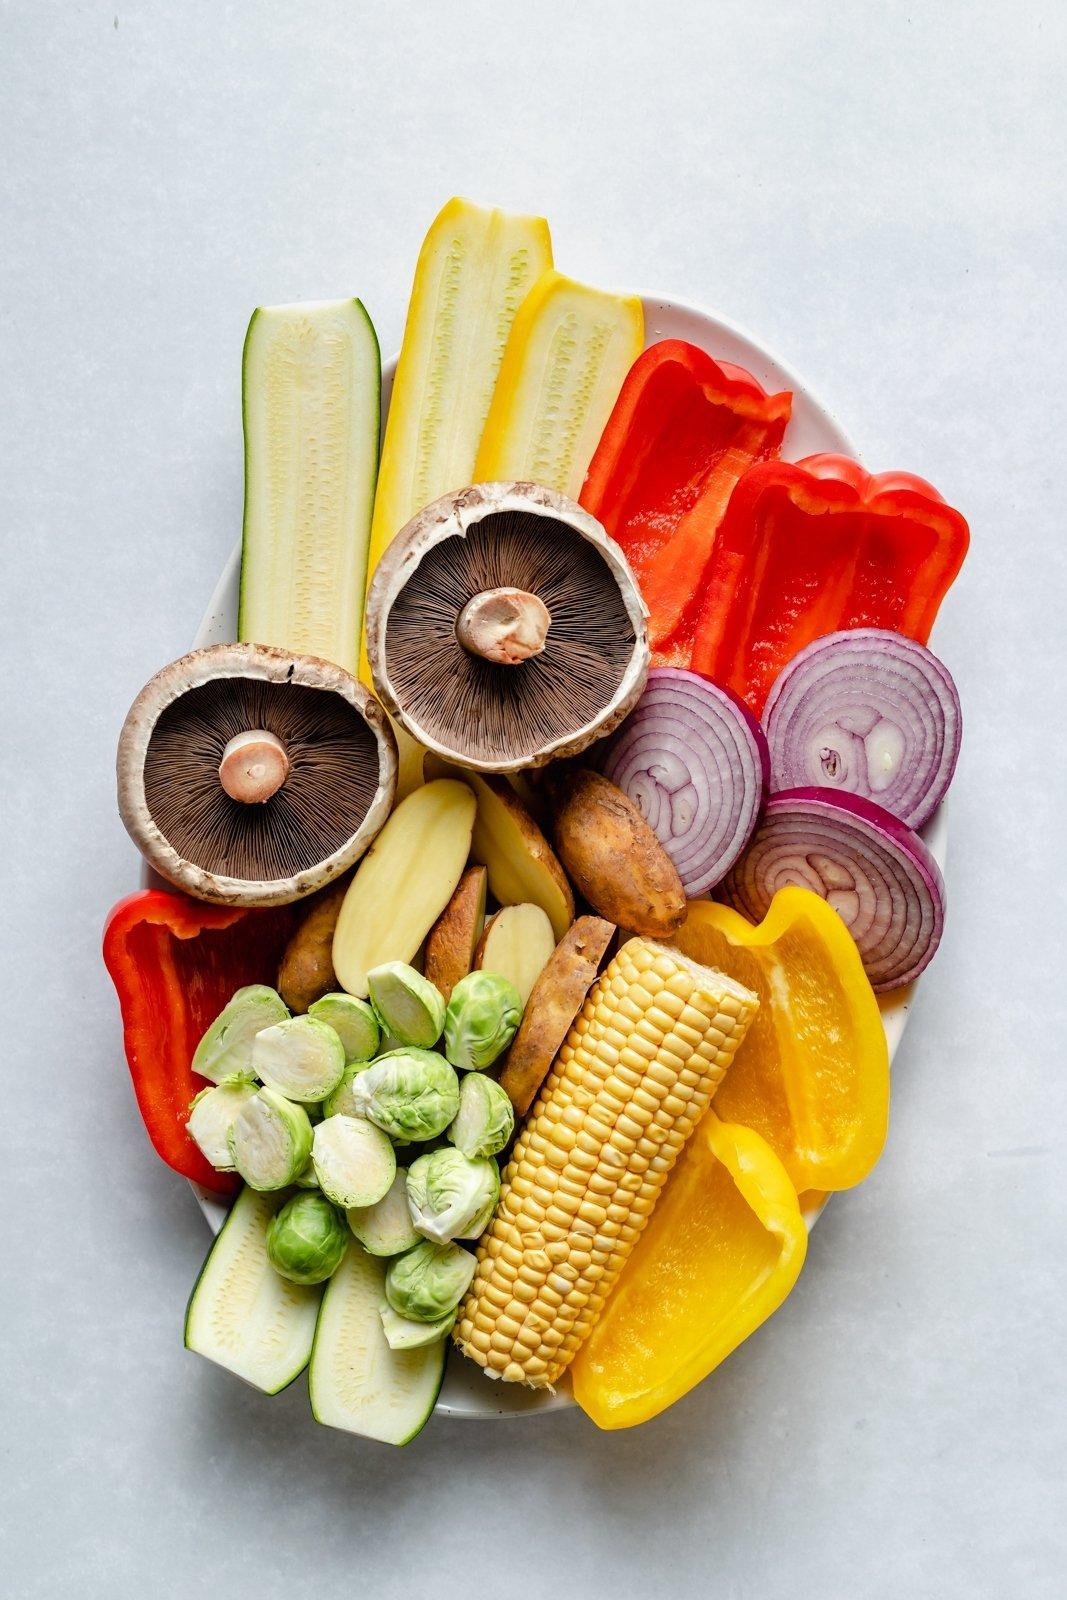 sliced vegetables on a platter for grilling